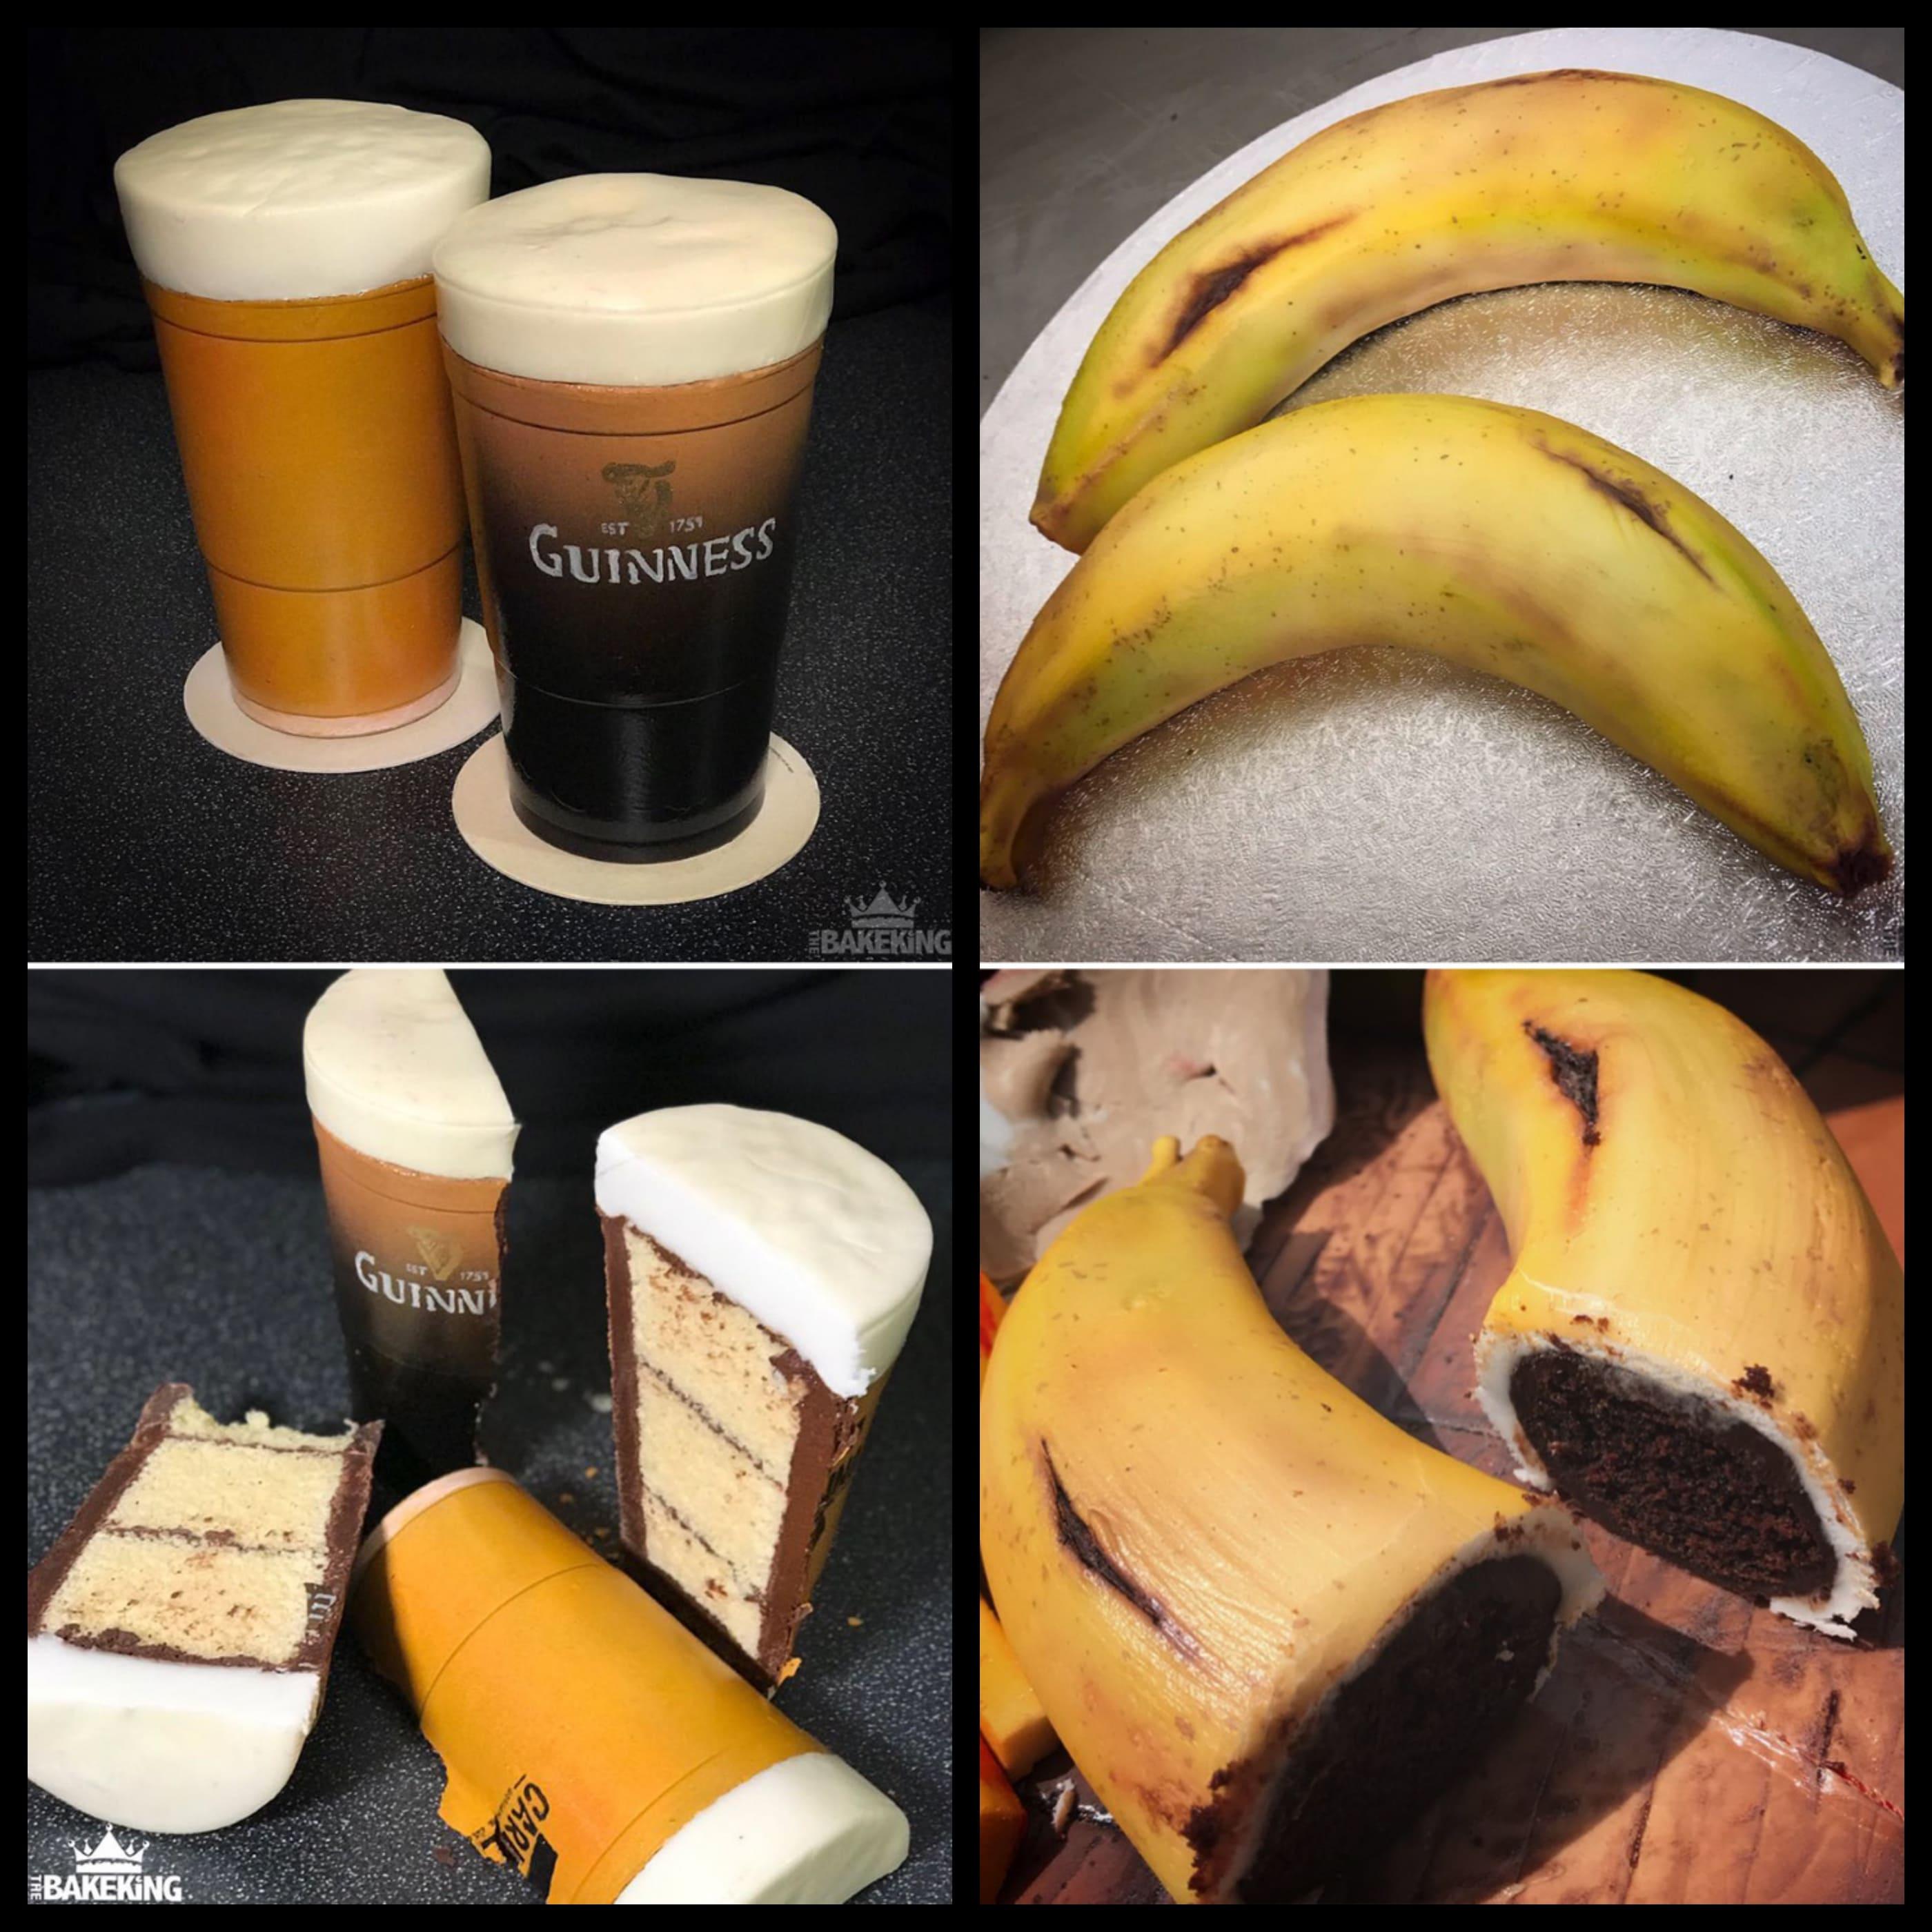 6 guinness bananas 06